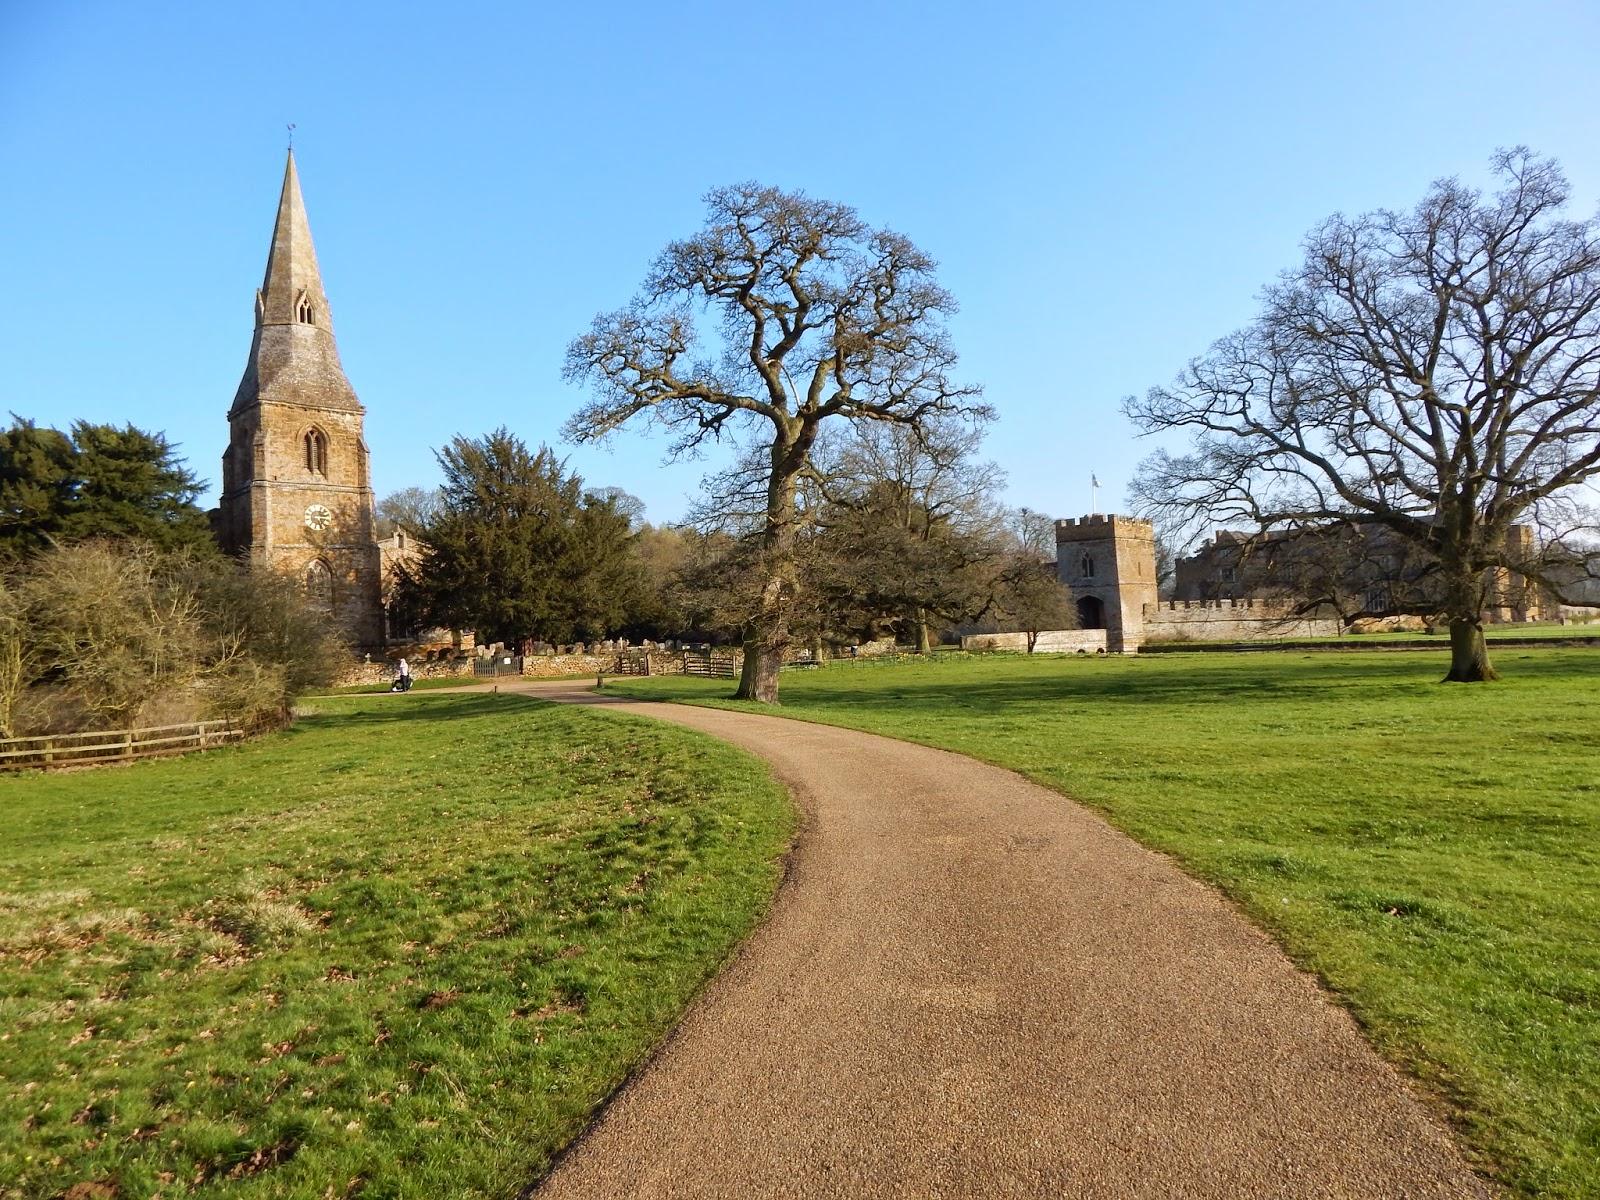 zamek Broughton, zwiedzanie, Banbury